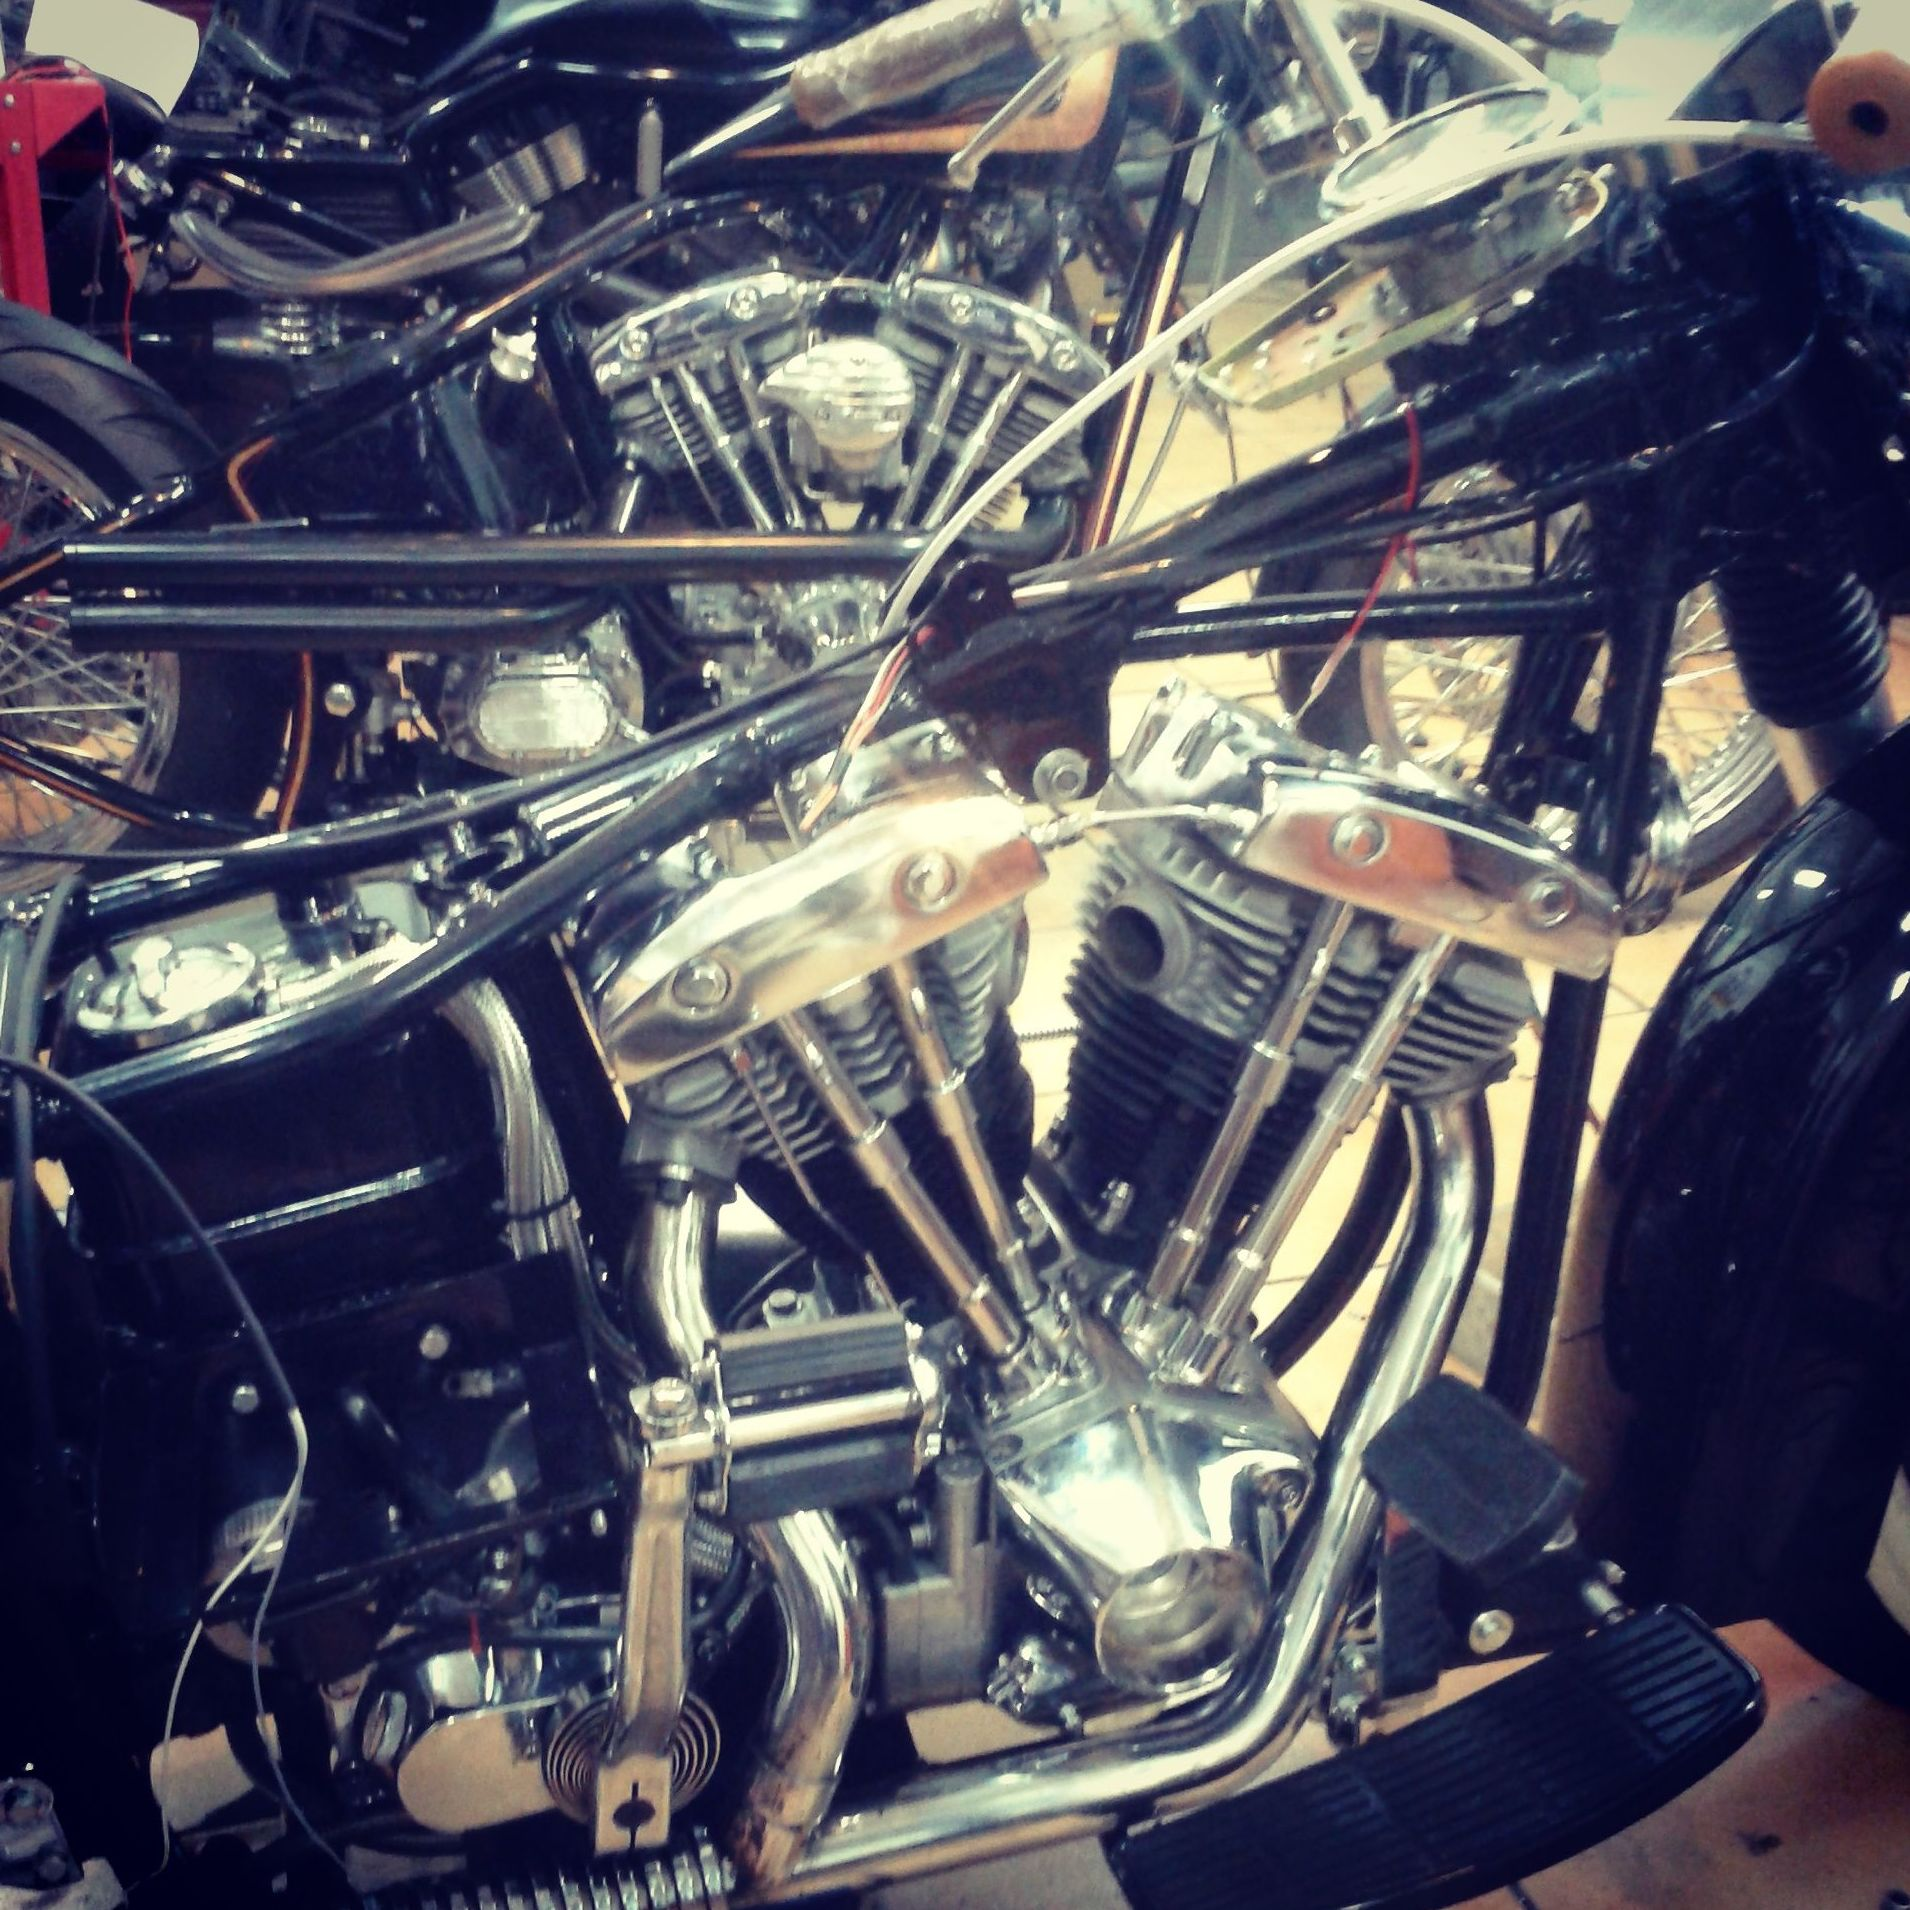 restauracion motos ,restauracion harley davidson, , Shovelhead, customizar motos en valencia